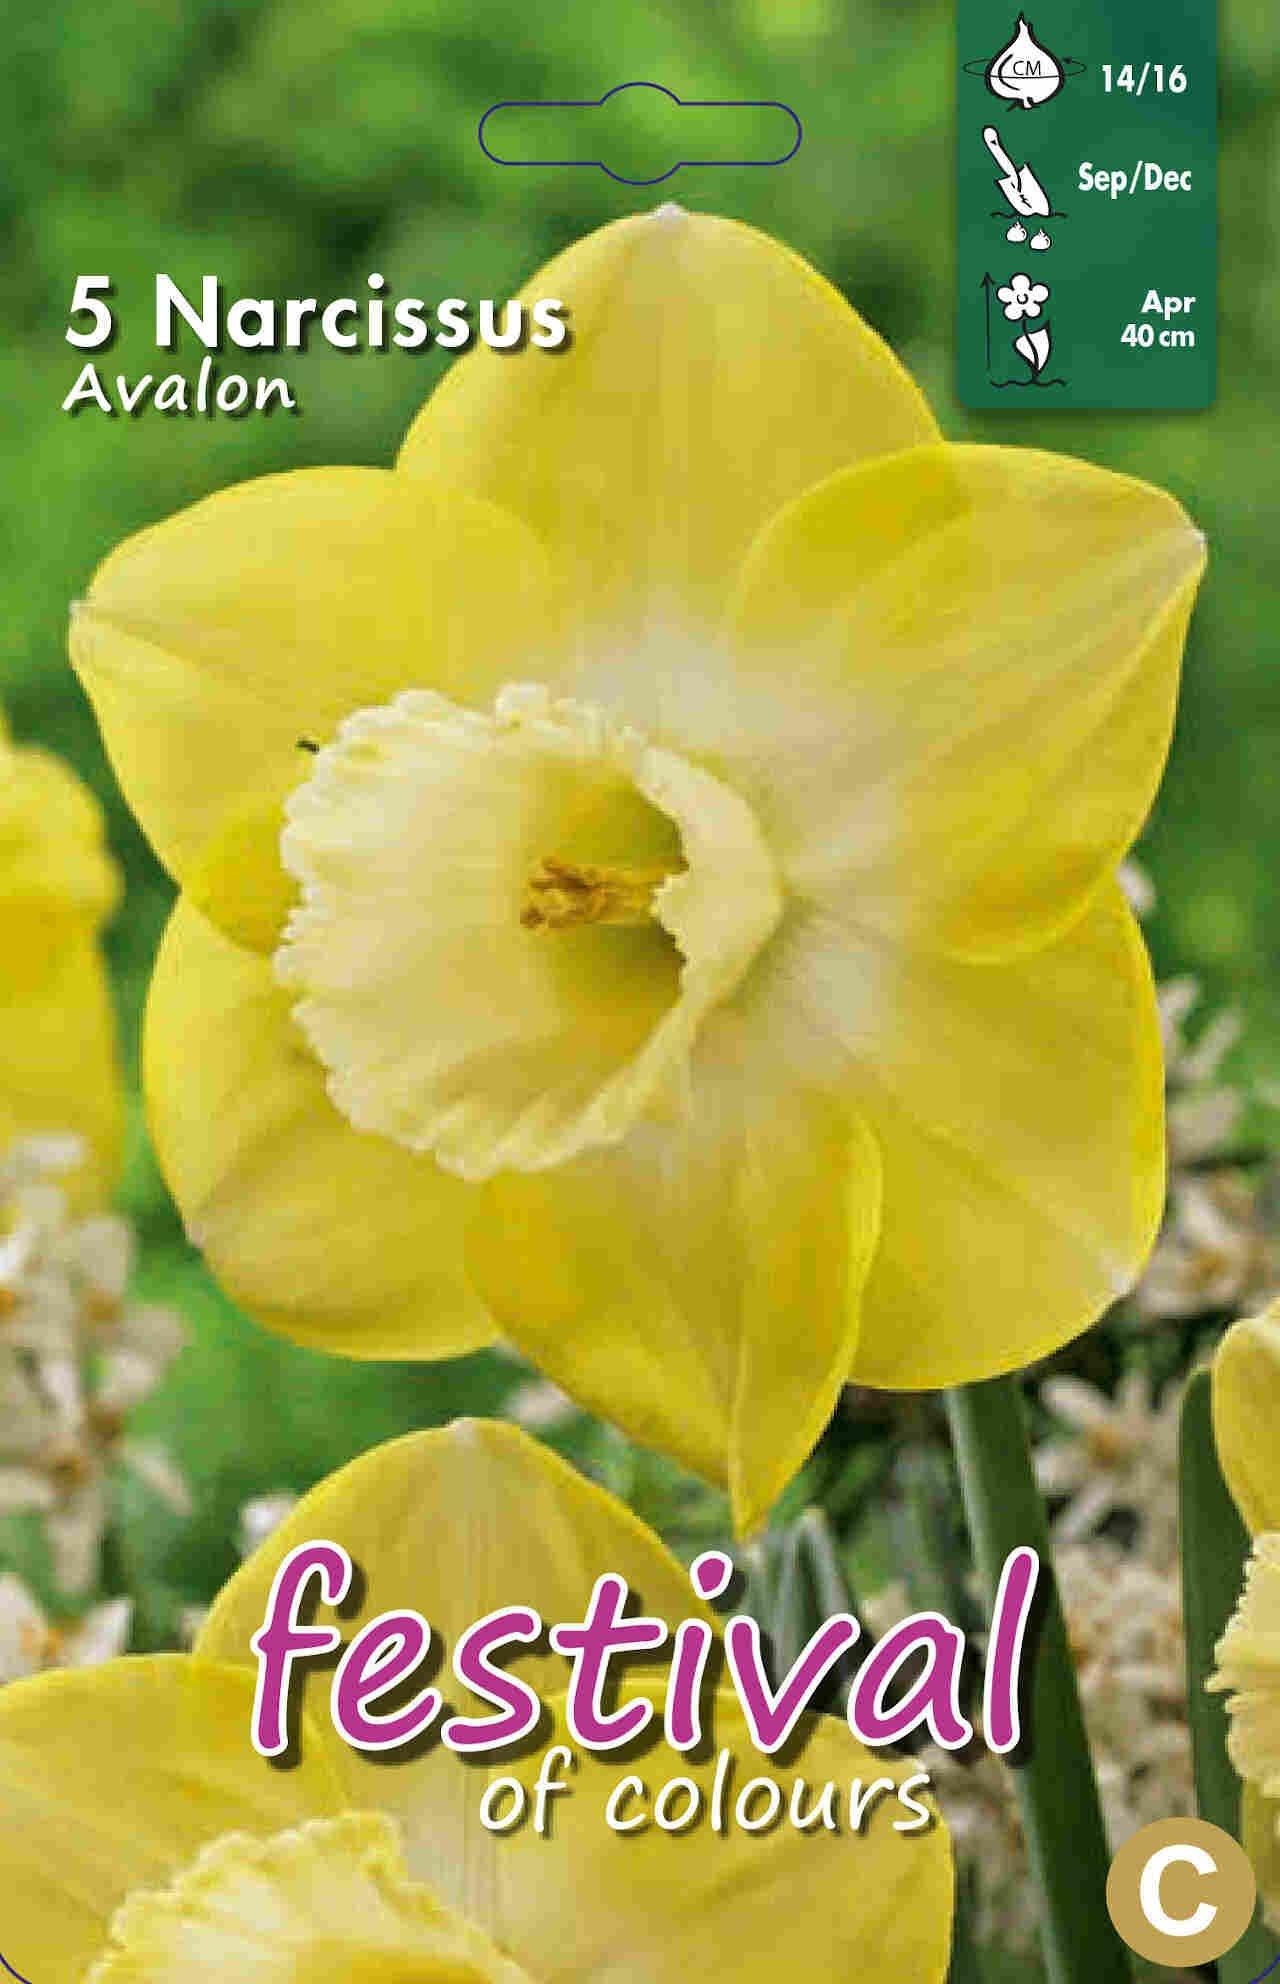 Påskeliljeløg - Narcissus Avalon 14/16